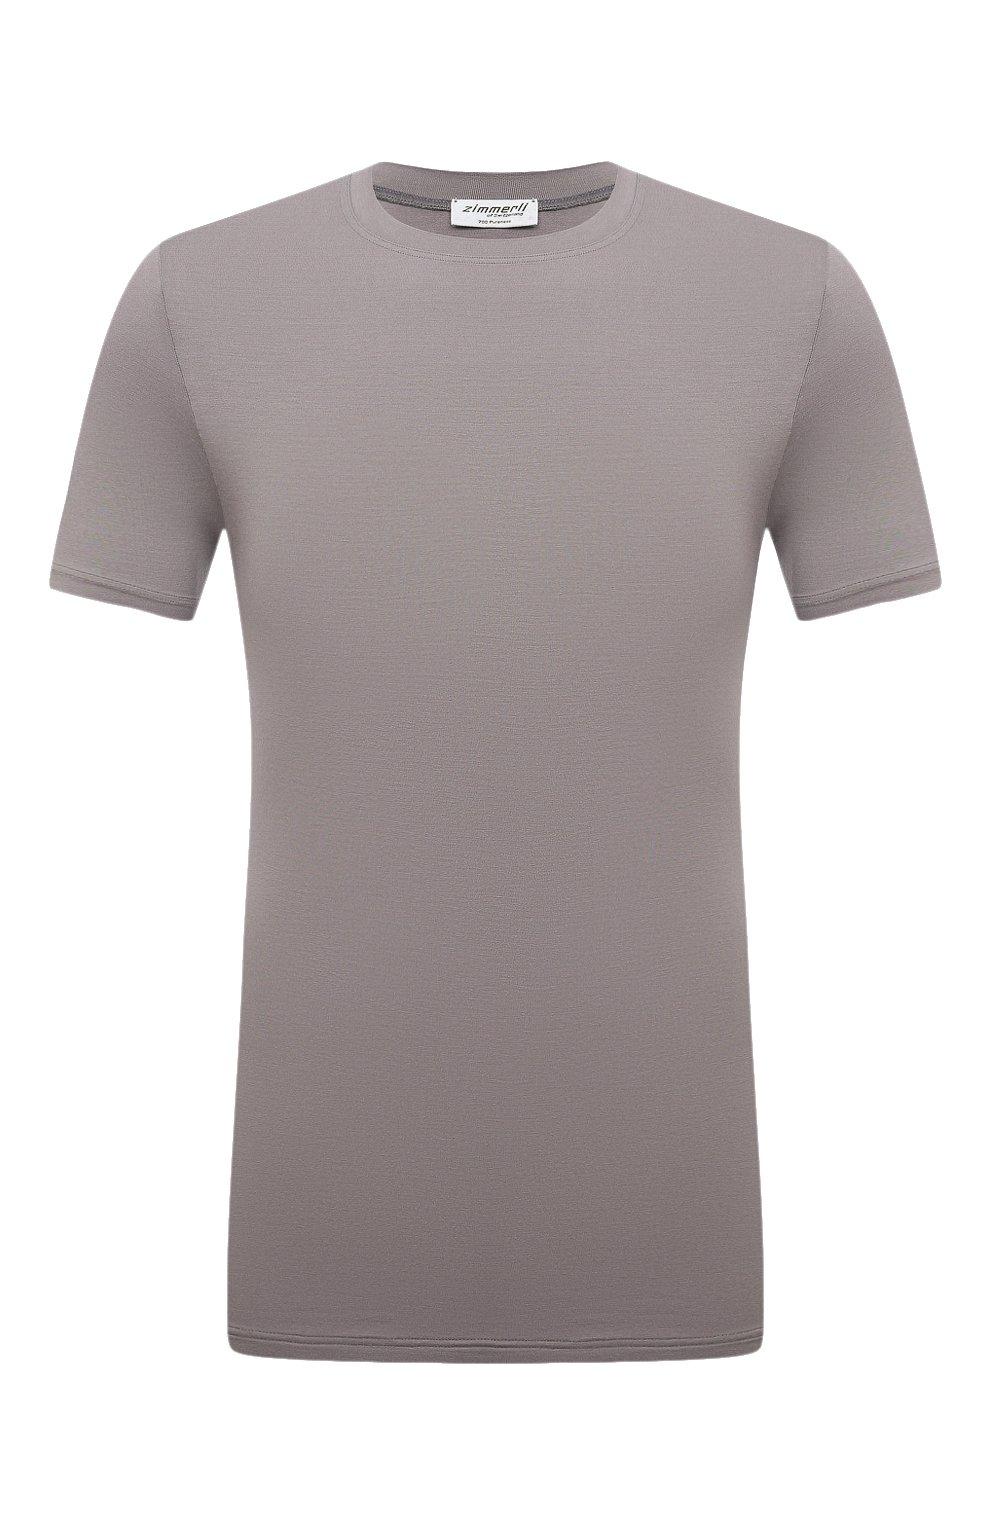 Мужская футболка ZIMMERLI темно-серого цвета, арт. 700-1341   Фото 1 (Кросс-КТ: домашняя одежда; Рукава: Короткие; Материал внешний: Синтетический материал; Длина (для топов): Стандартные; Мужское Кросс-КТ: Футболка-белье)